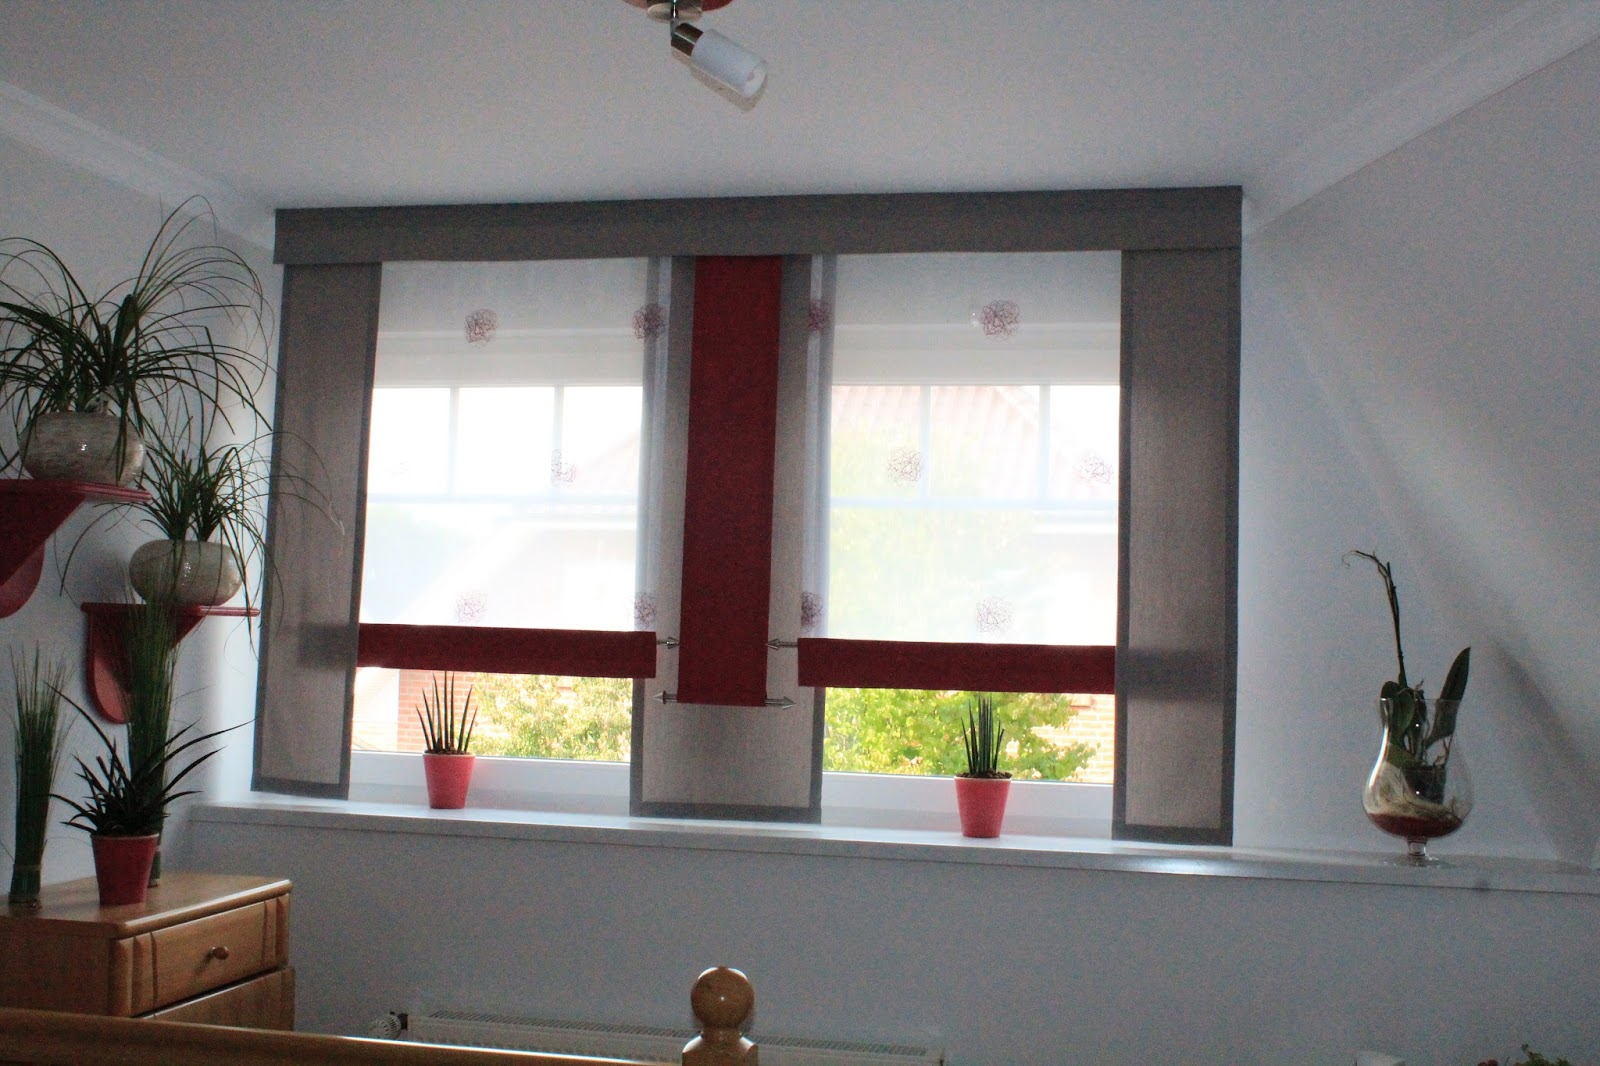 Fenster Vorhänge Kurz | Die schönsten Einrichtungsideen